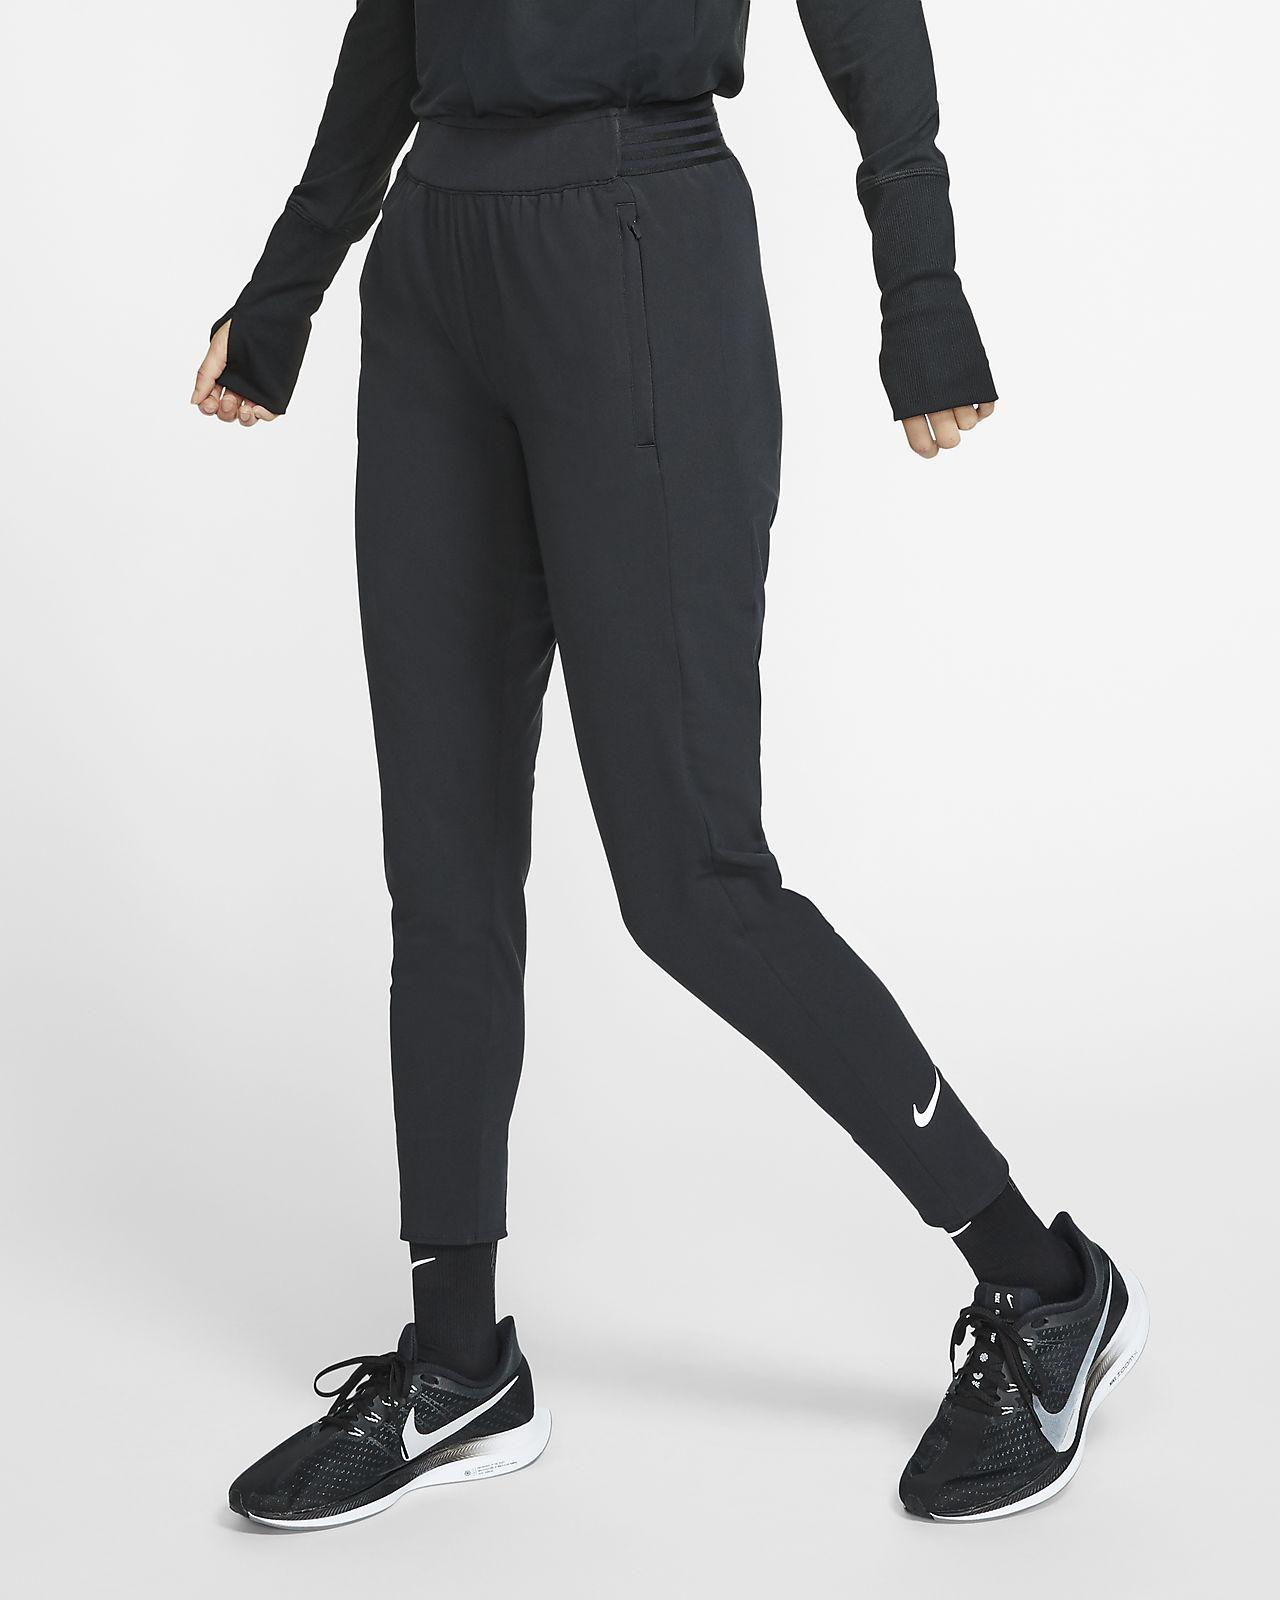 Varme Nike Essential løbebukser til kvinder